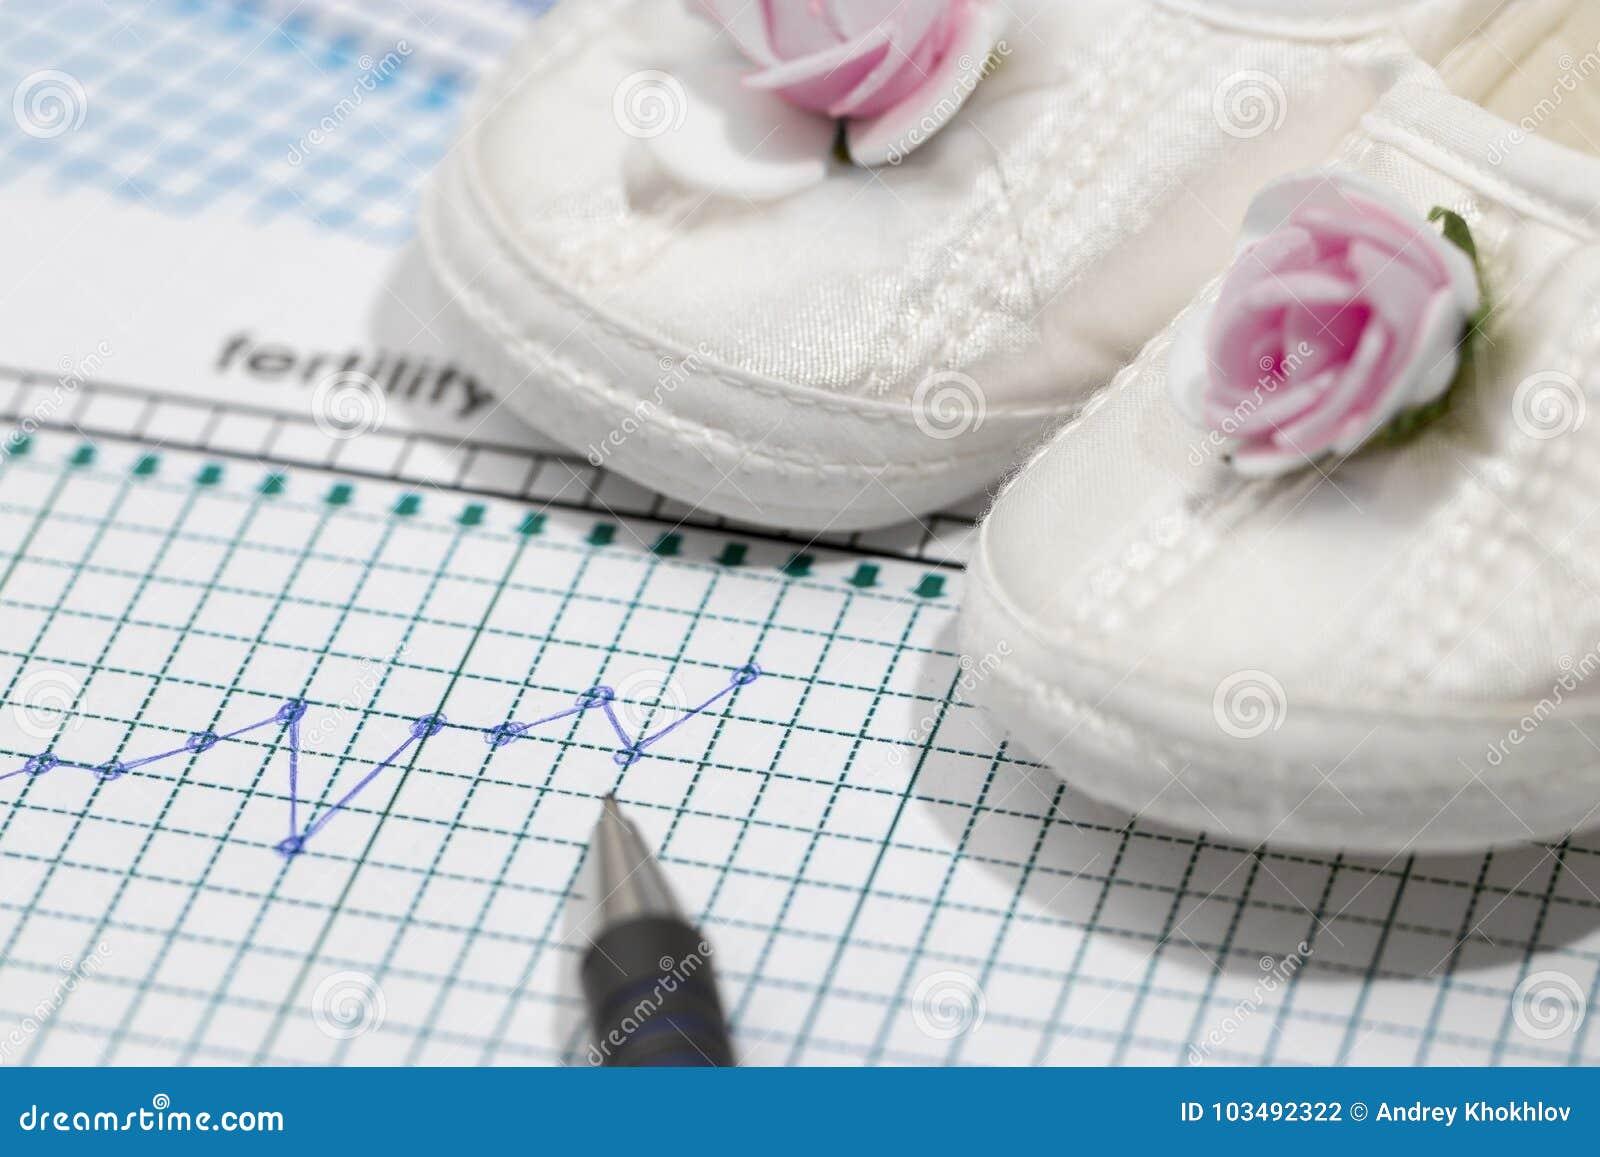 Planeamento da gravidez A carta da fertilidade